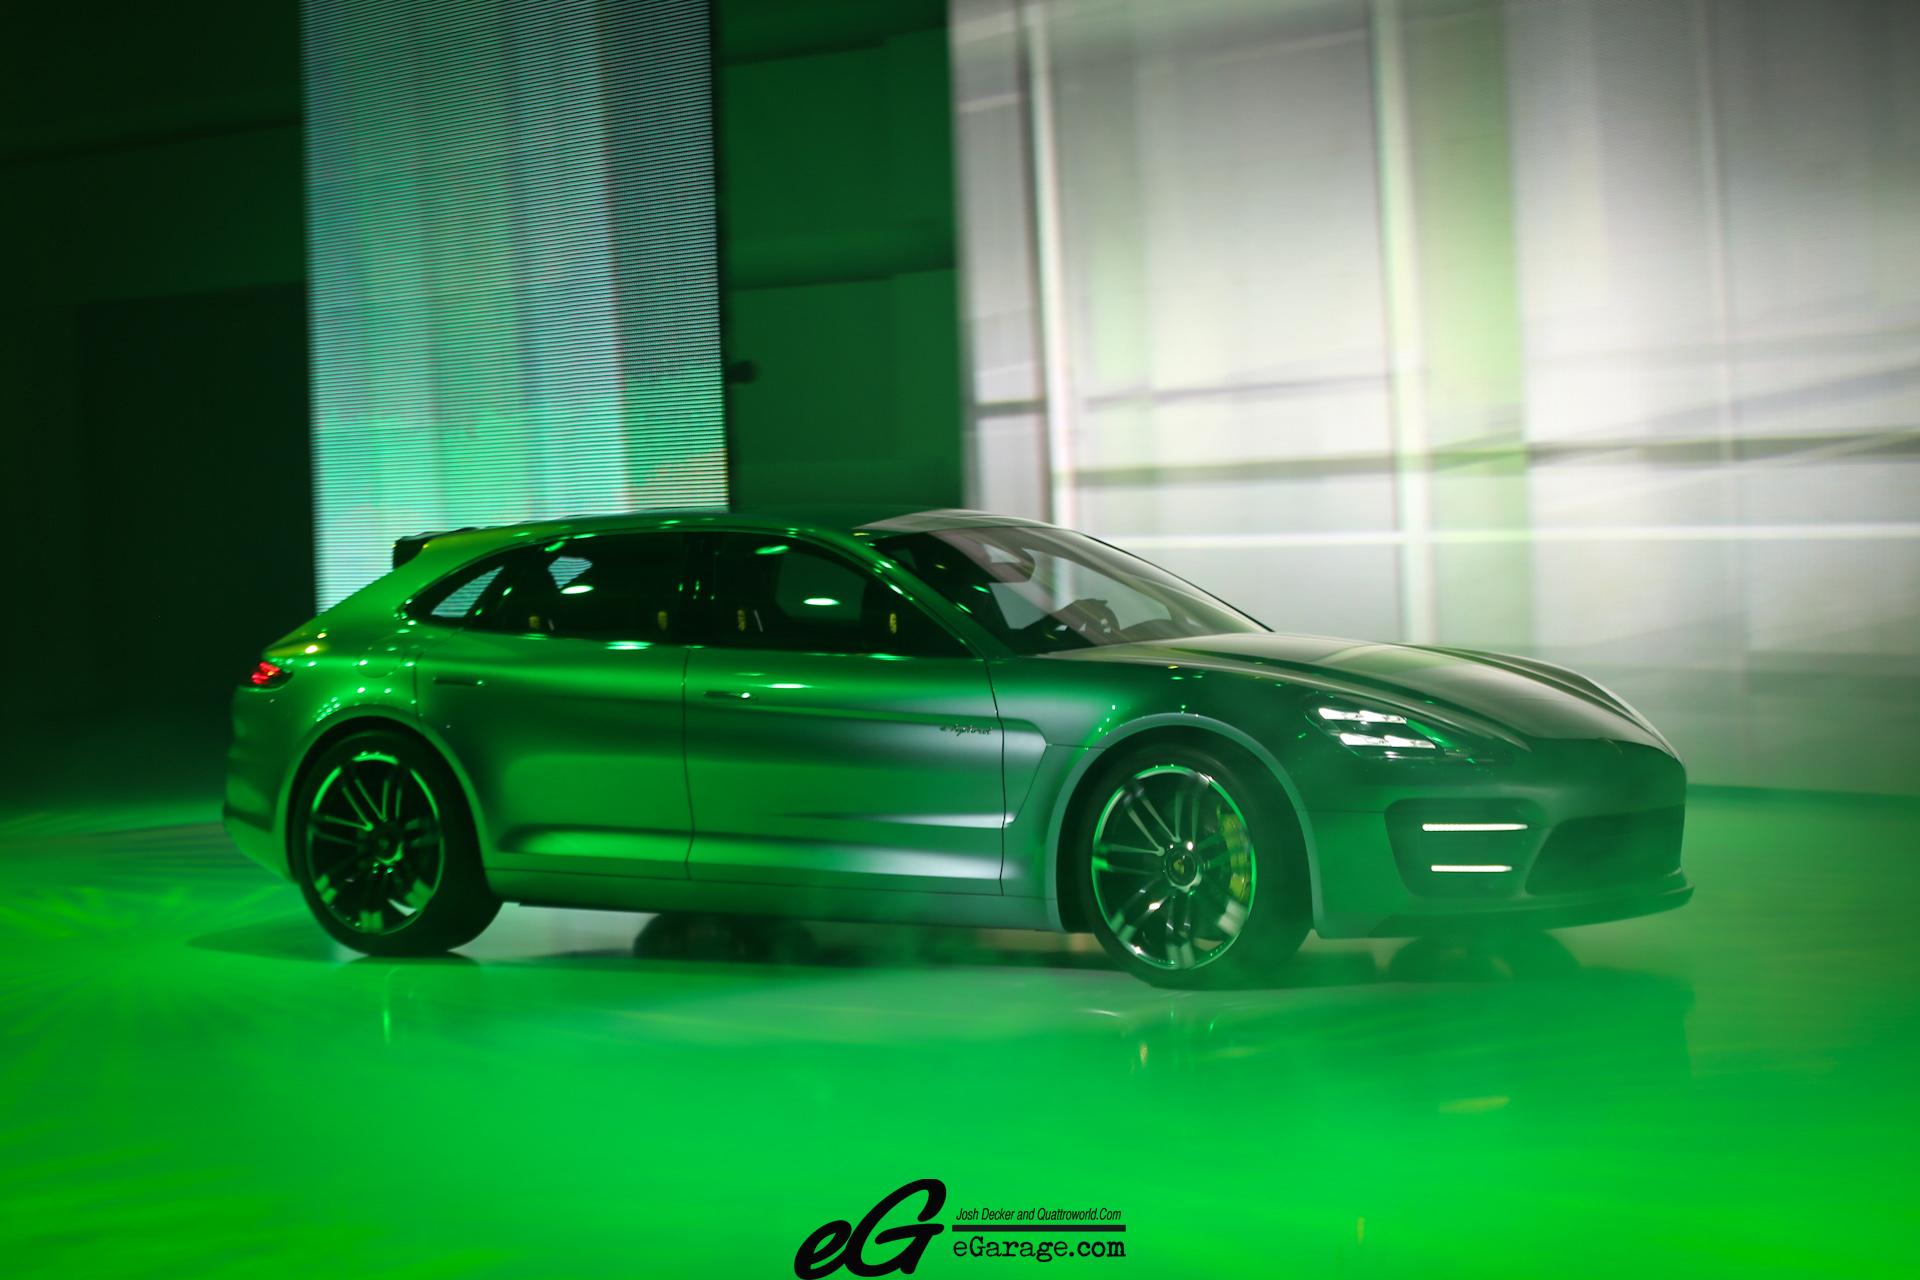 8030386955 a17c95836b o 2012 Paris Motor Show